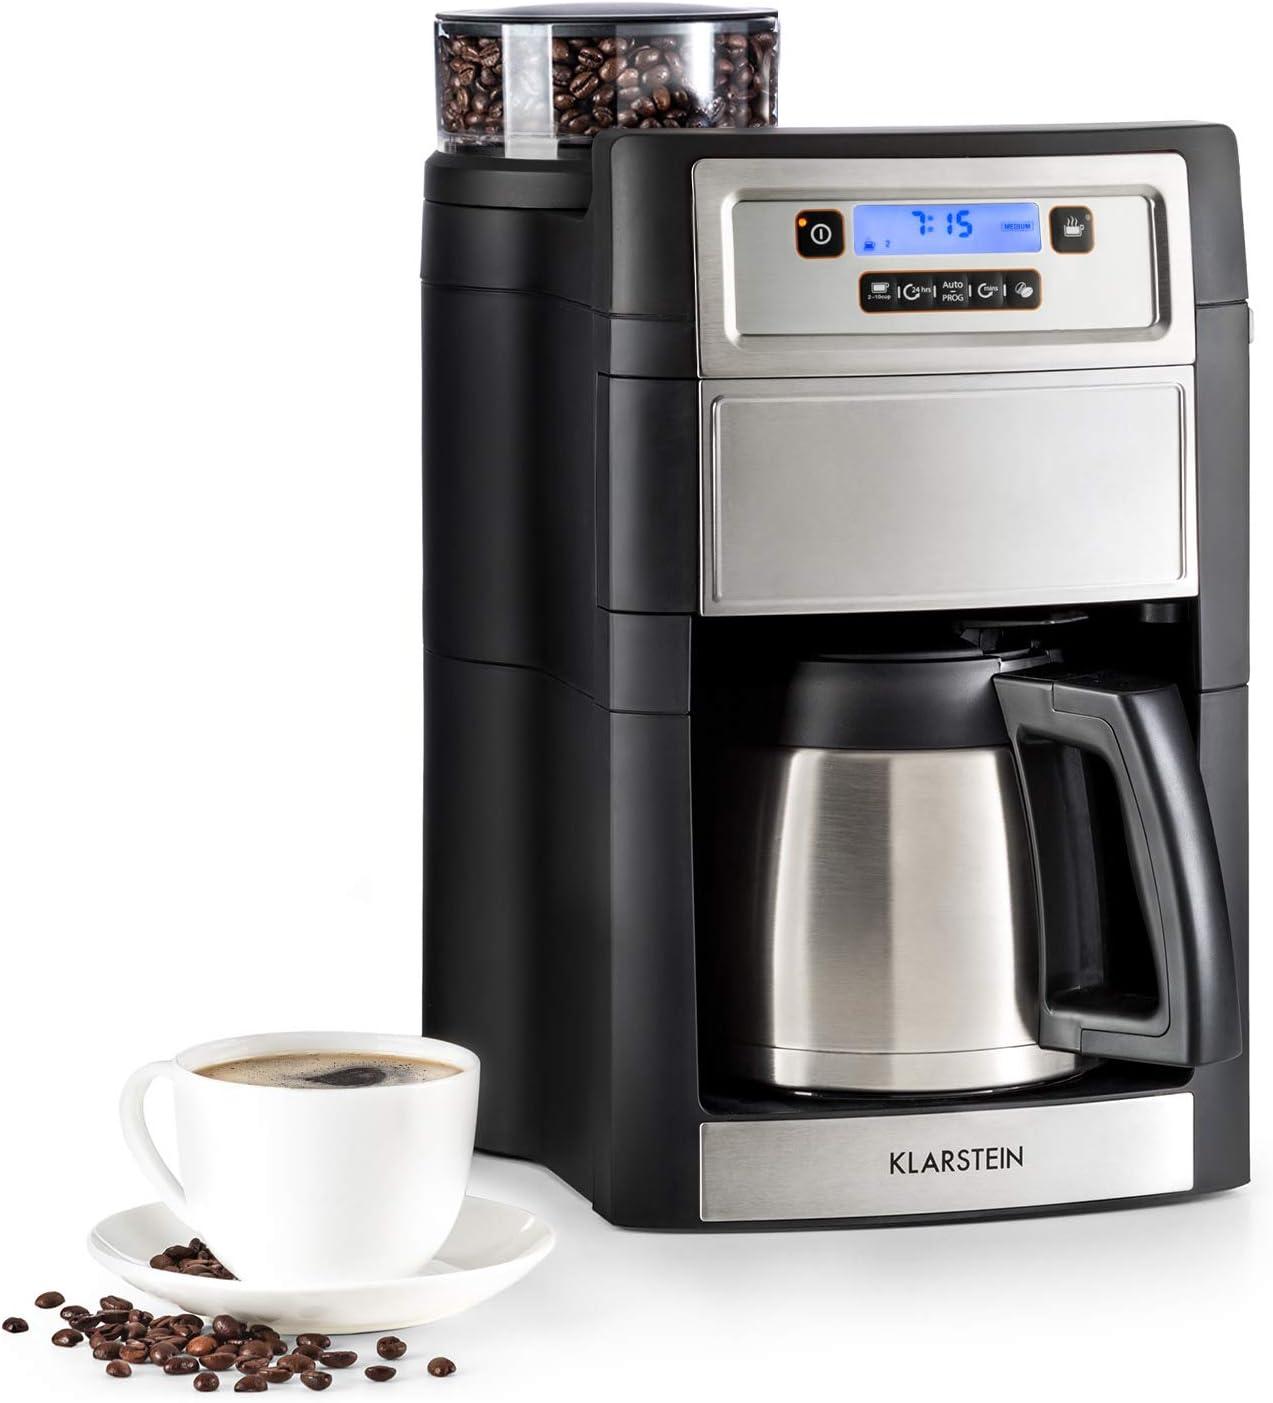 Die Kaffeemaschine mit Mahlwerk und Thermoskanne nimmt sehr viel Platz ein